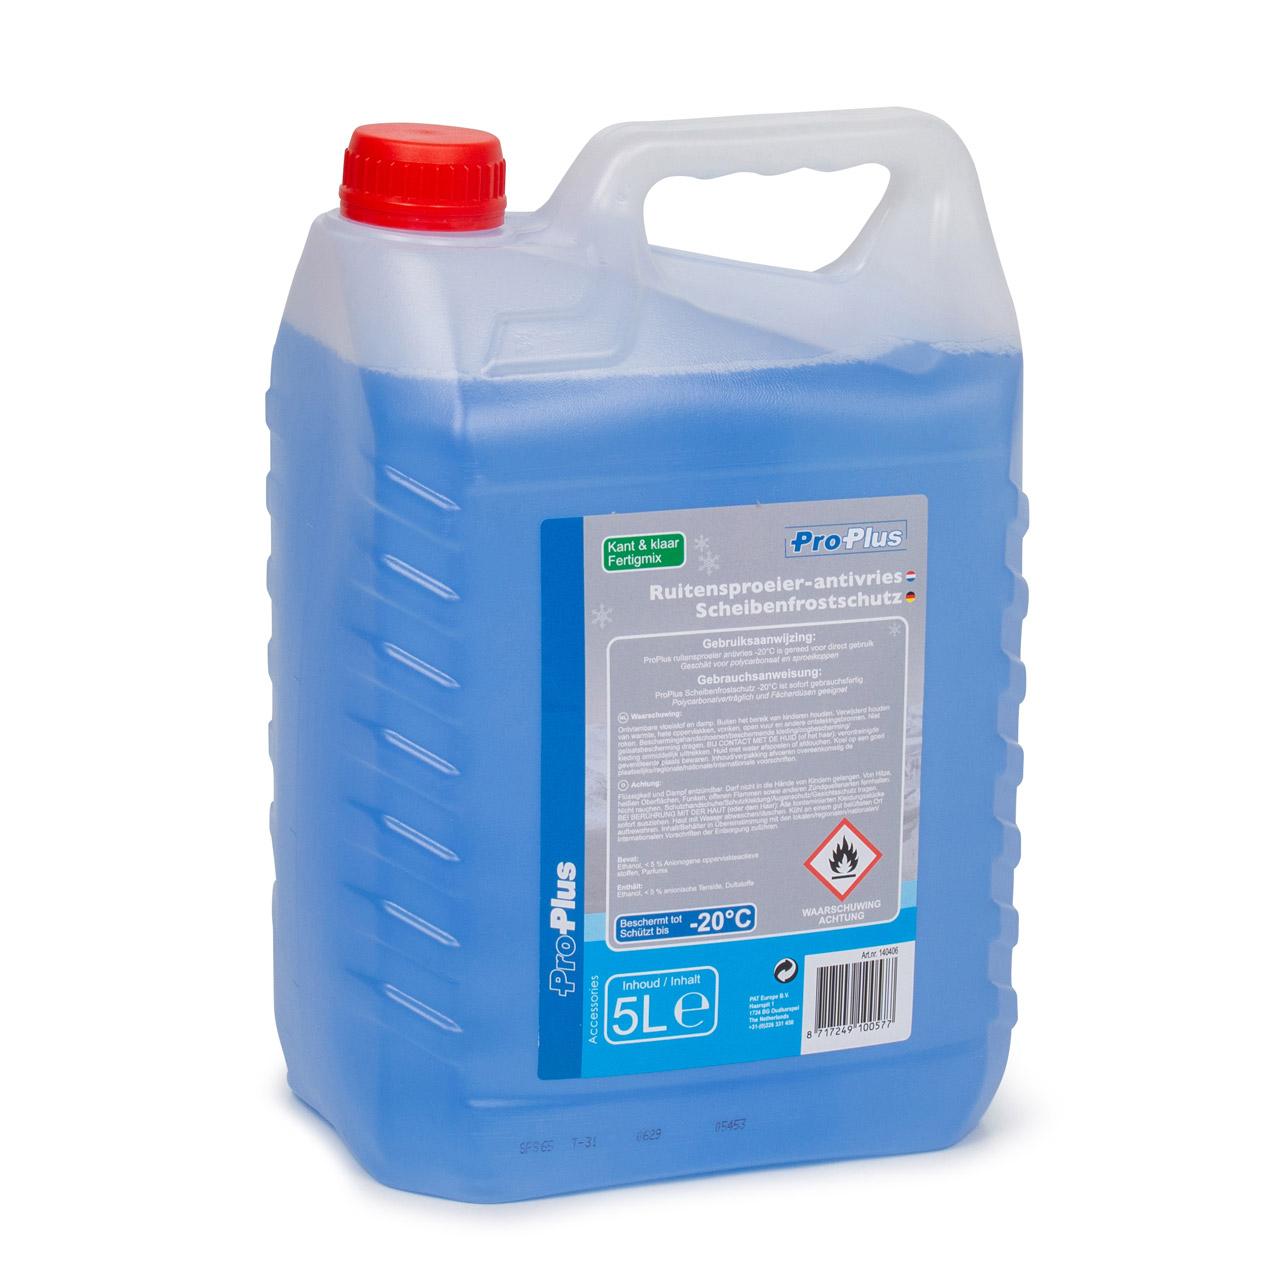 PROPLUS 140406 Frostschutz Scheibenfrostschutz Fertigmix -20°C 5 Liter